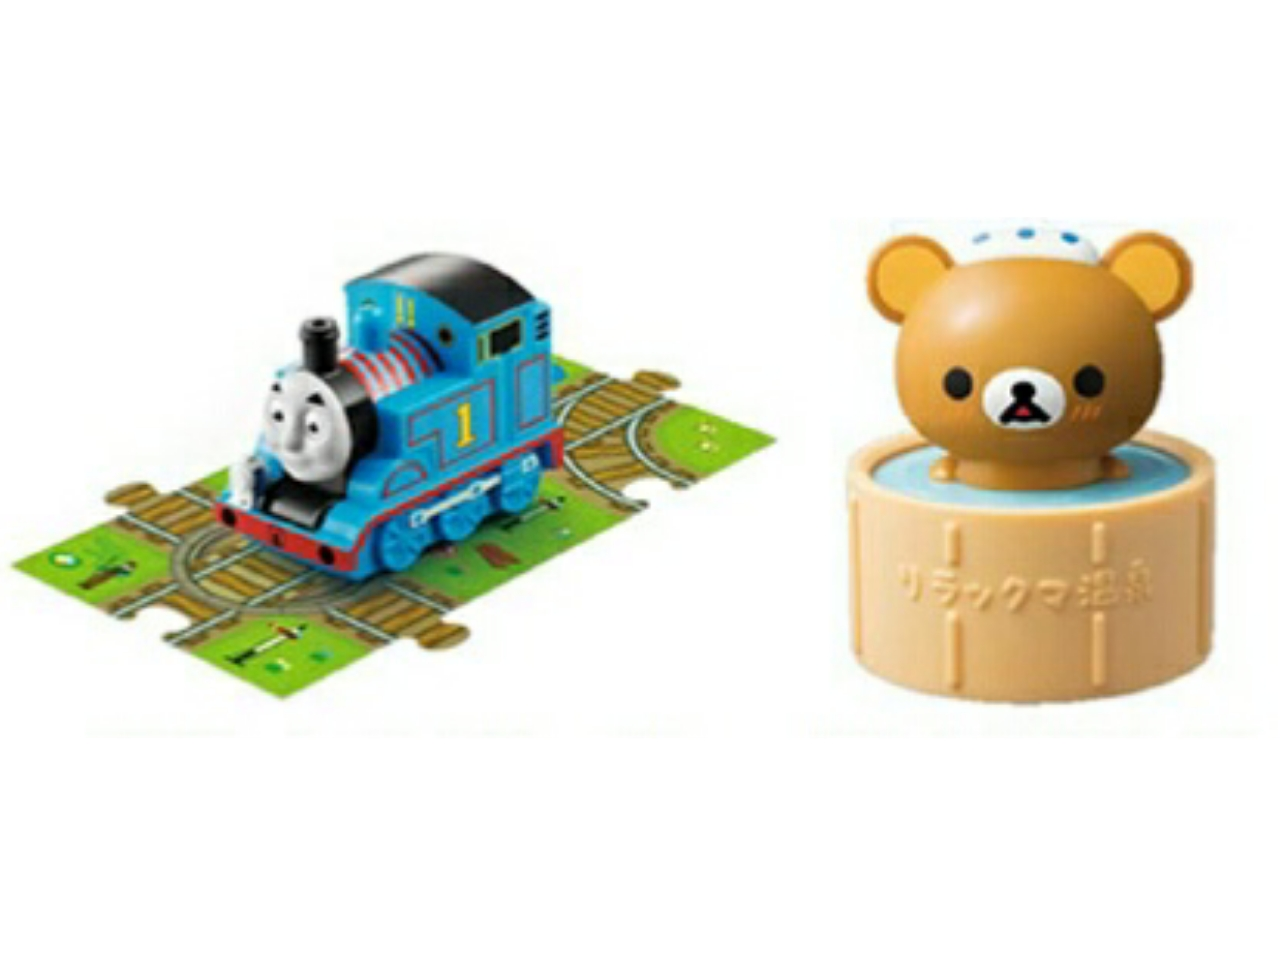 ハッピーセットのおもちゃに「トーマス」と「リラックマ」が登場!